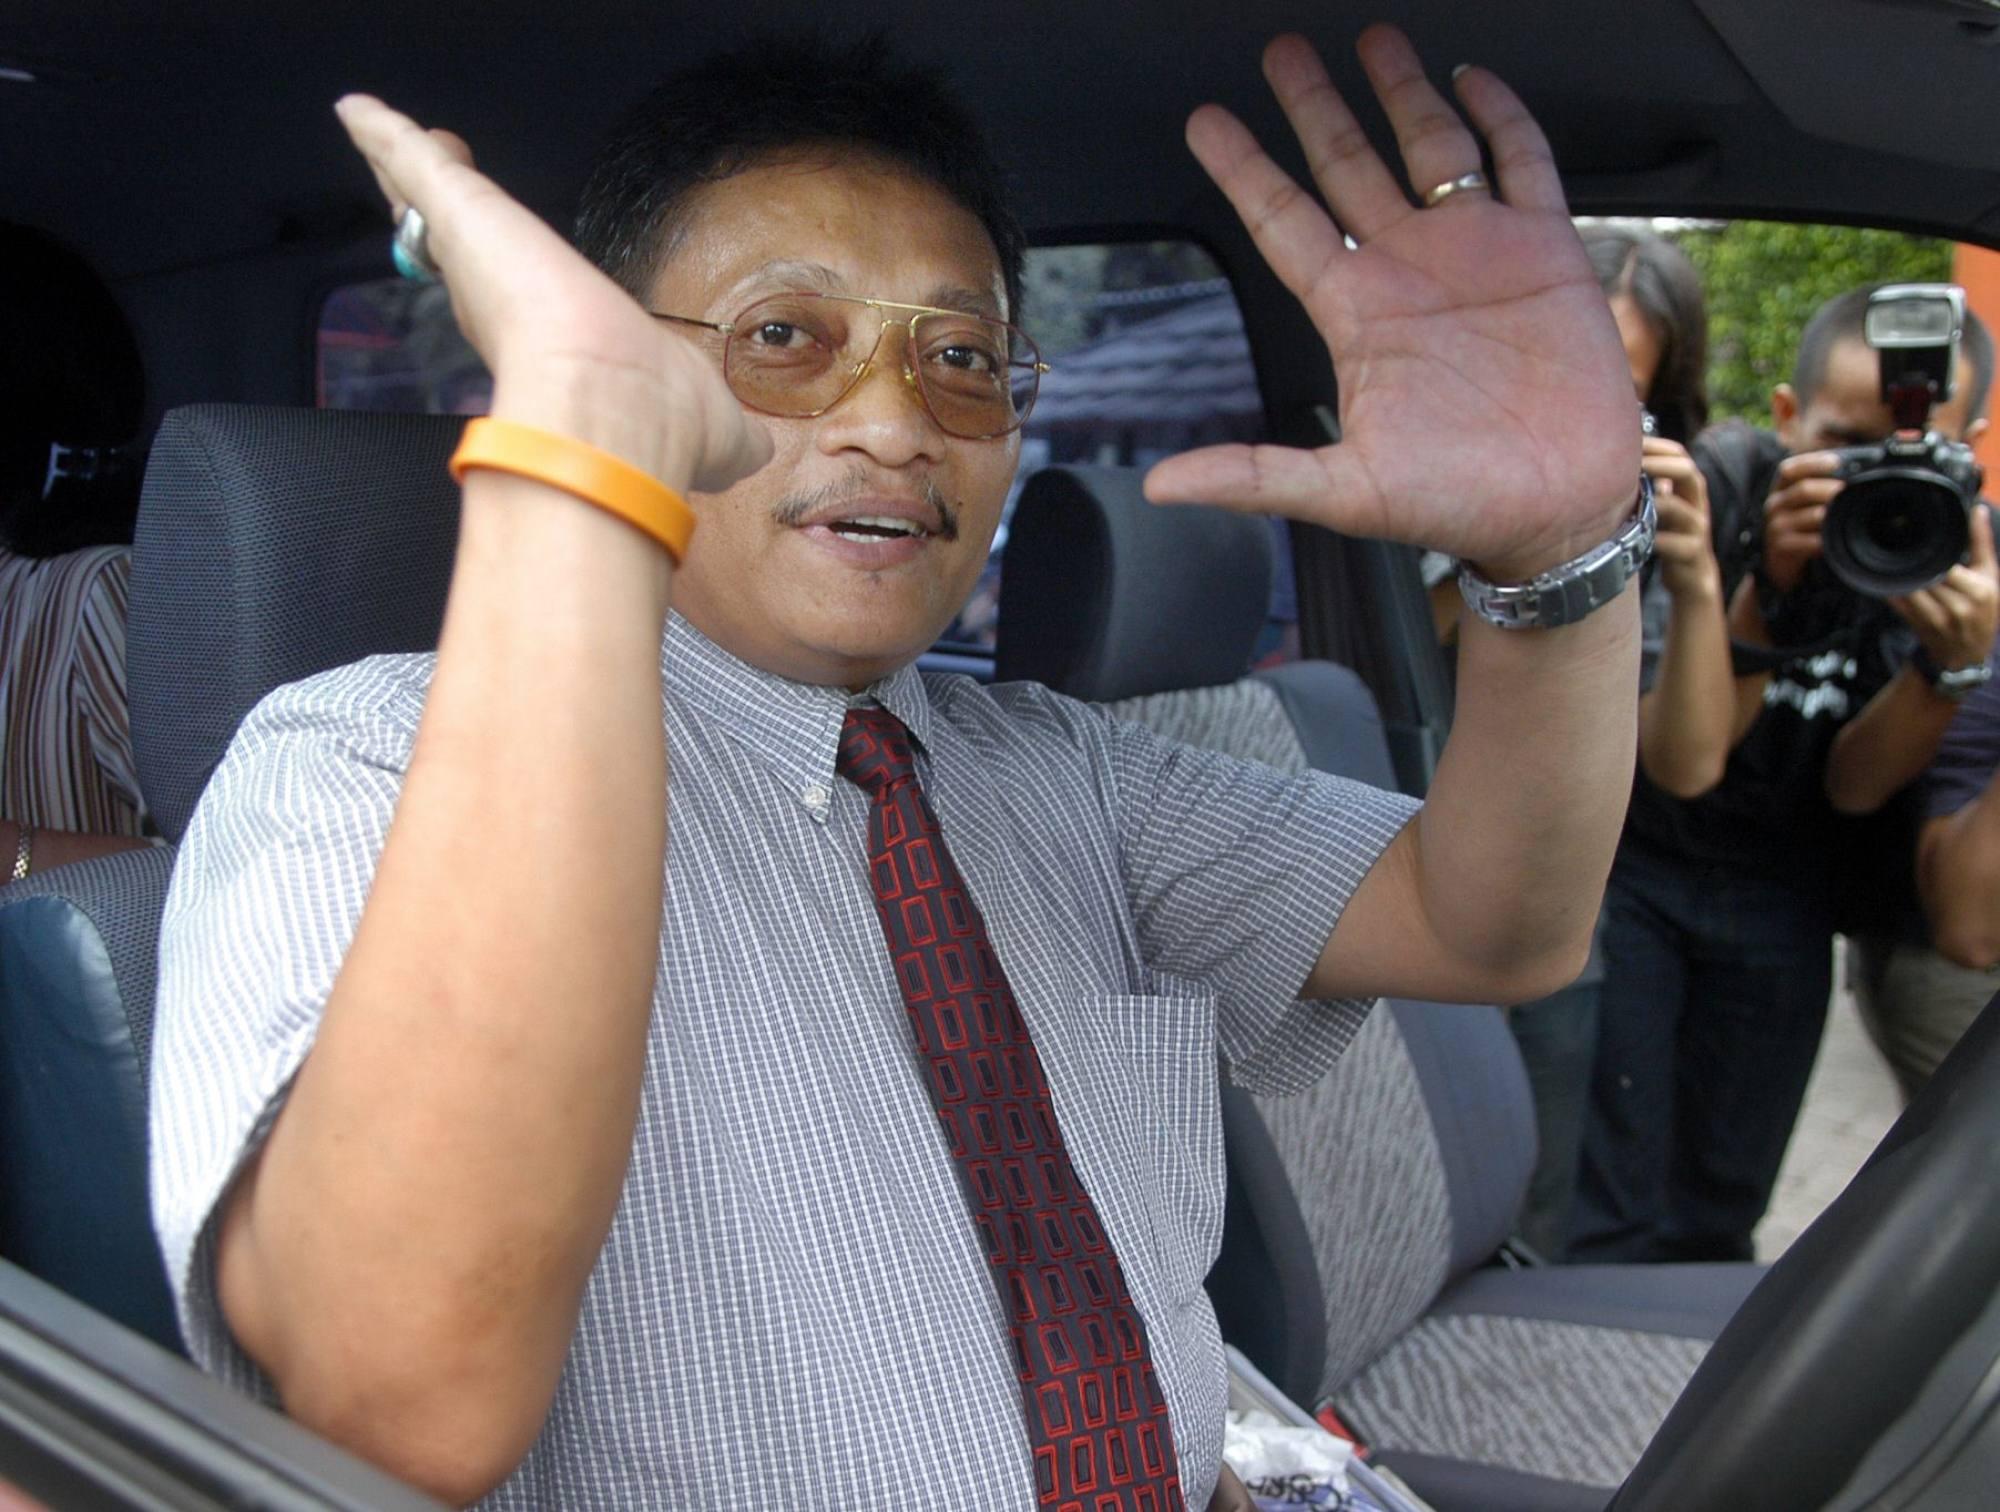 Pollycarpus Priyanto, seorang pilot Indonesia yang sebelumnya dituduh membunuh aktivis HAM Munir Said Thalib  File foto AFP